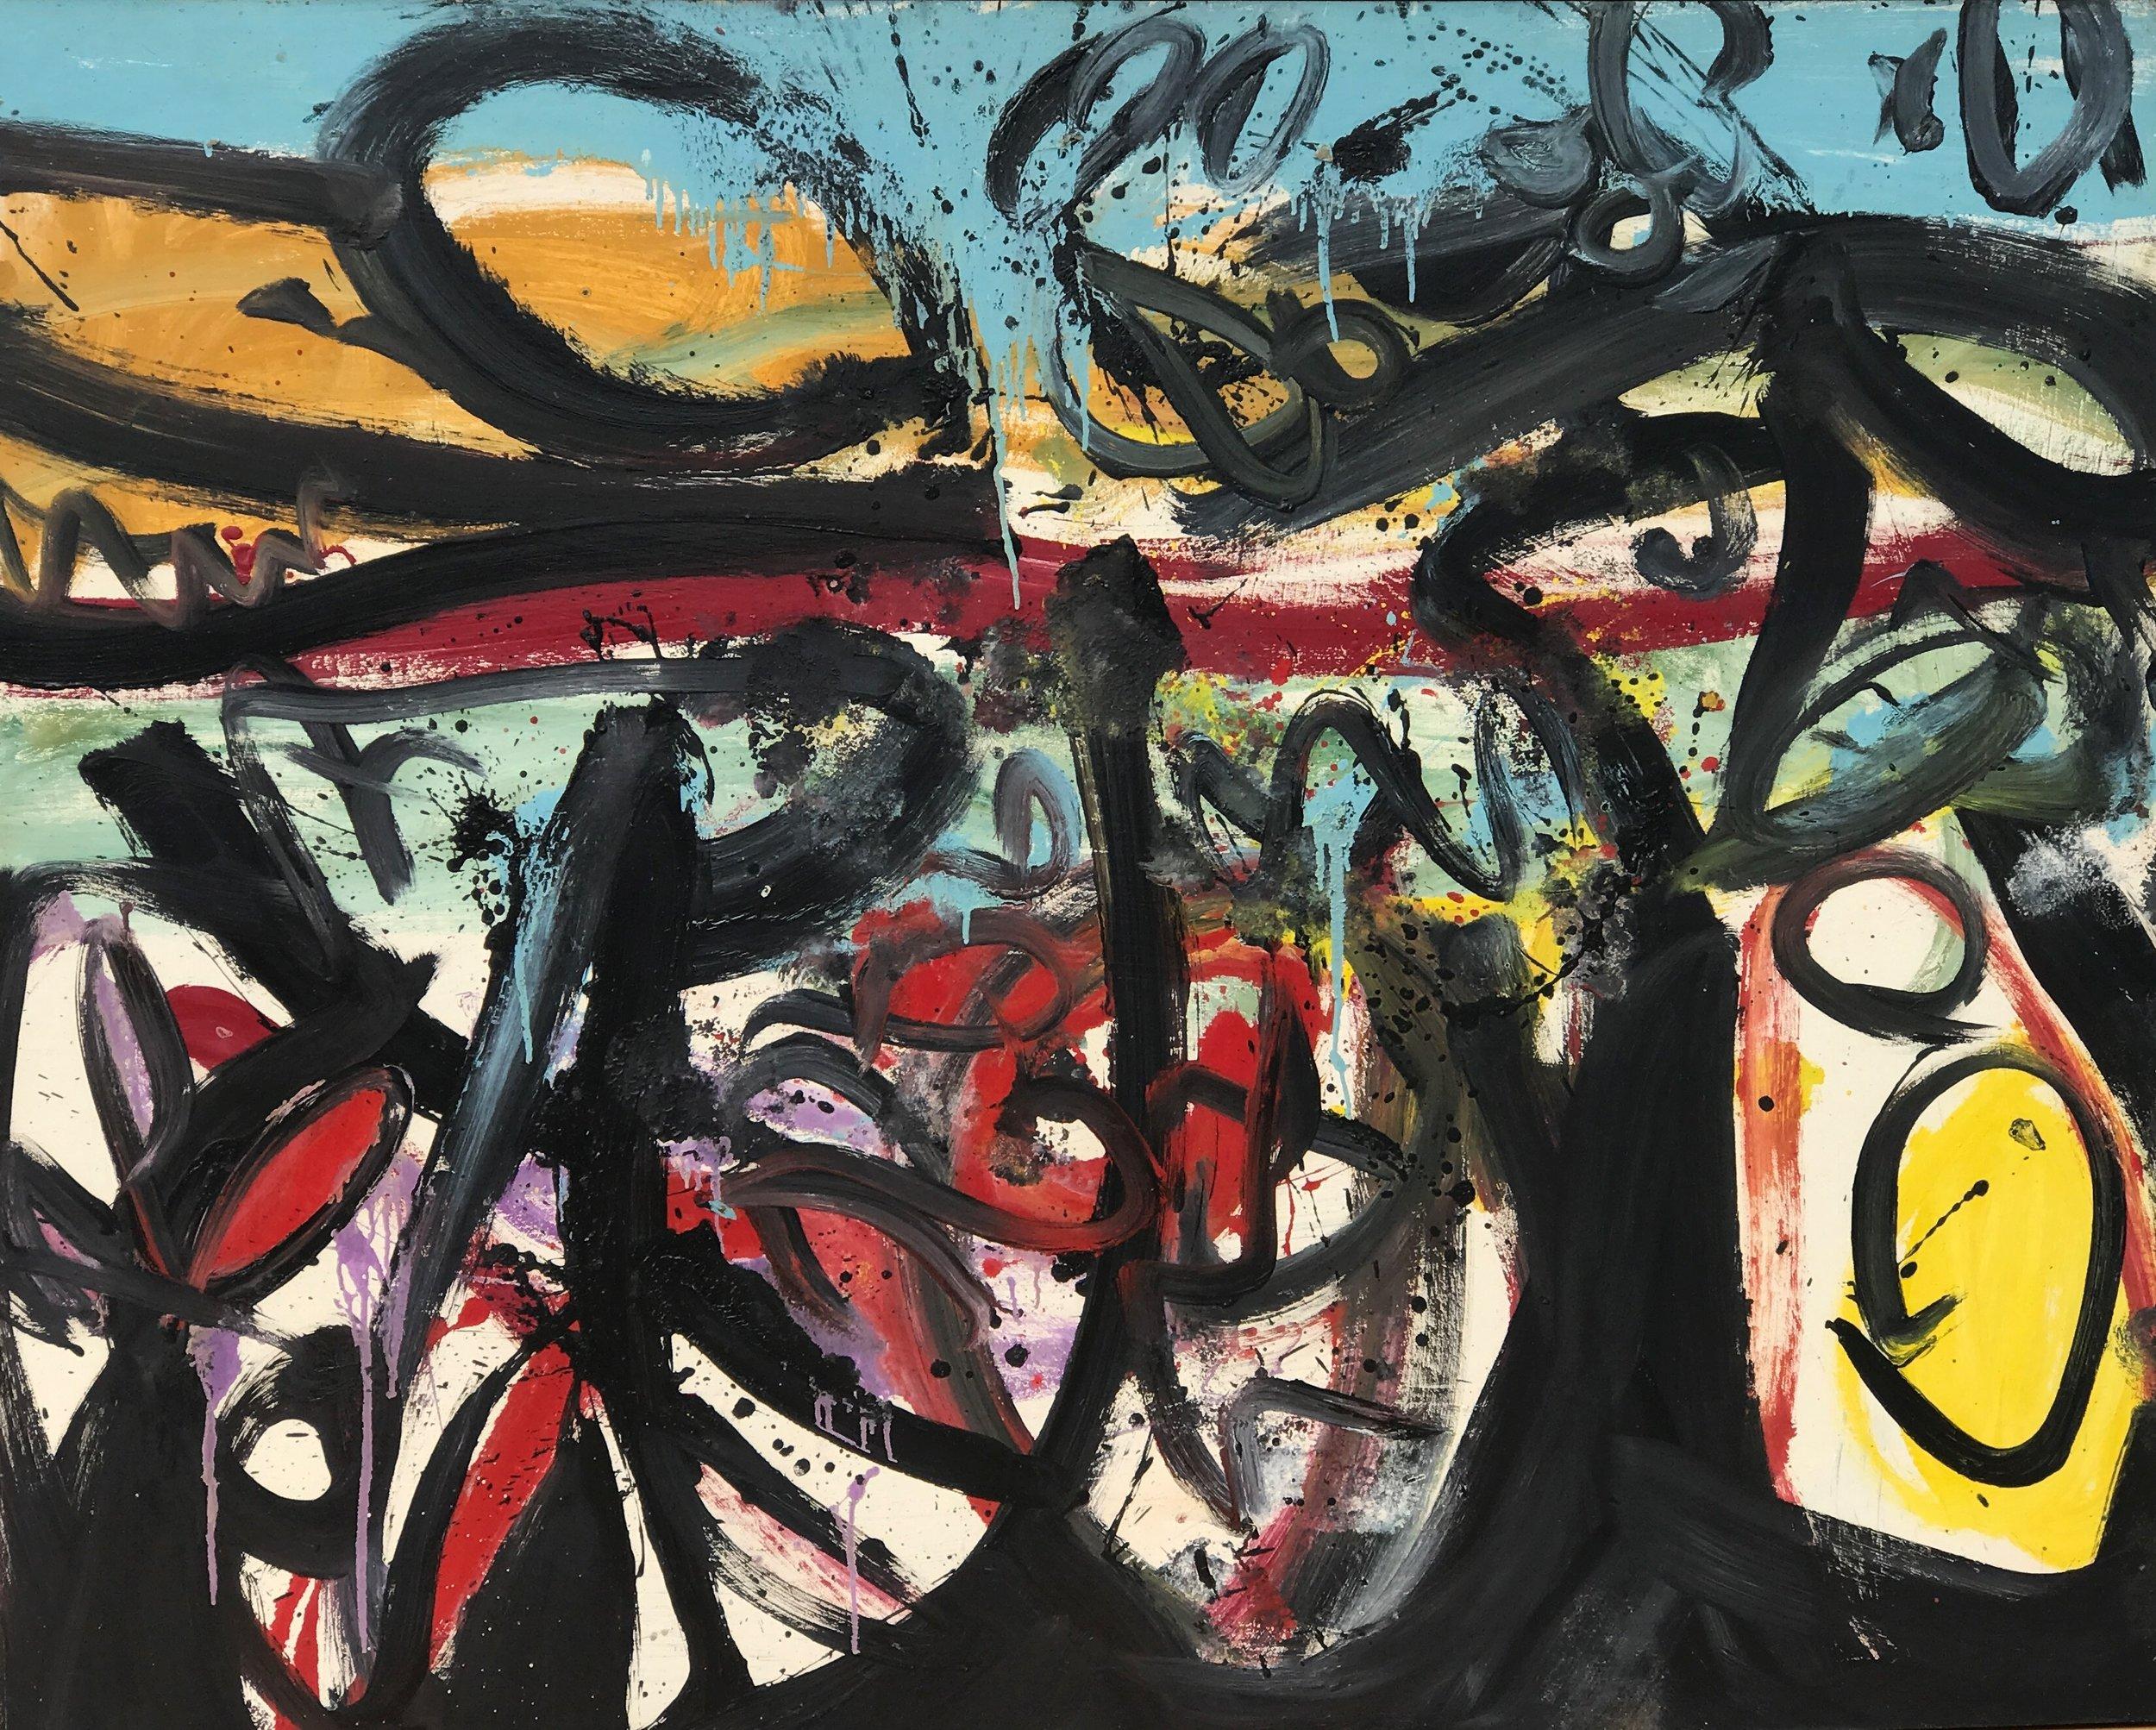 Alan Davie 1920-2014 ,  Love Life of E. Z ., 1961, Oil on board, 122 x 152.5 cm